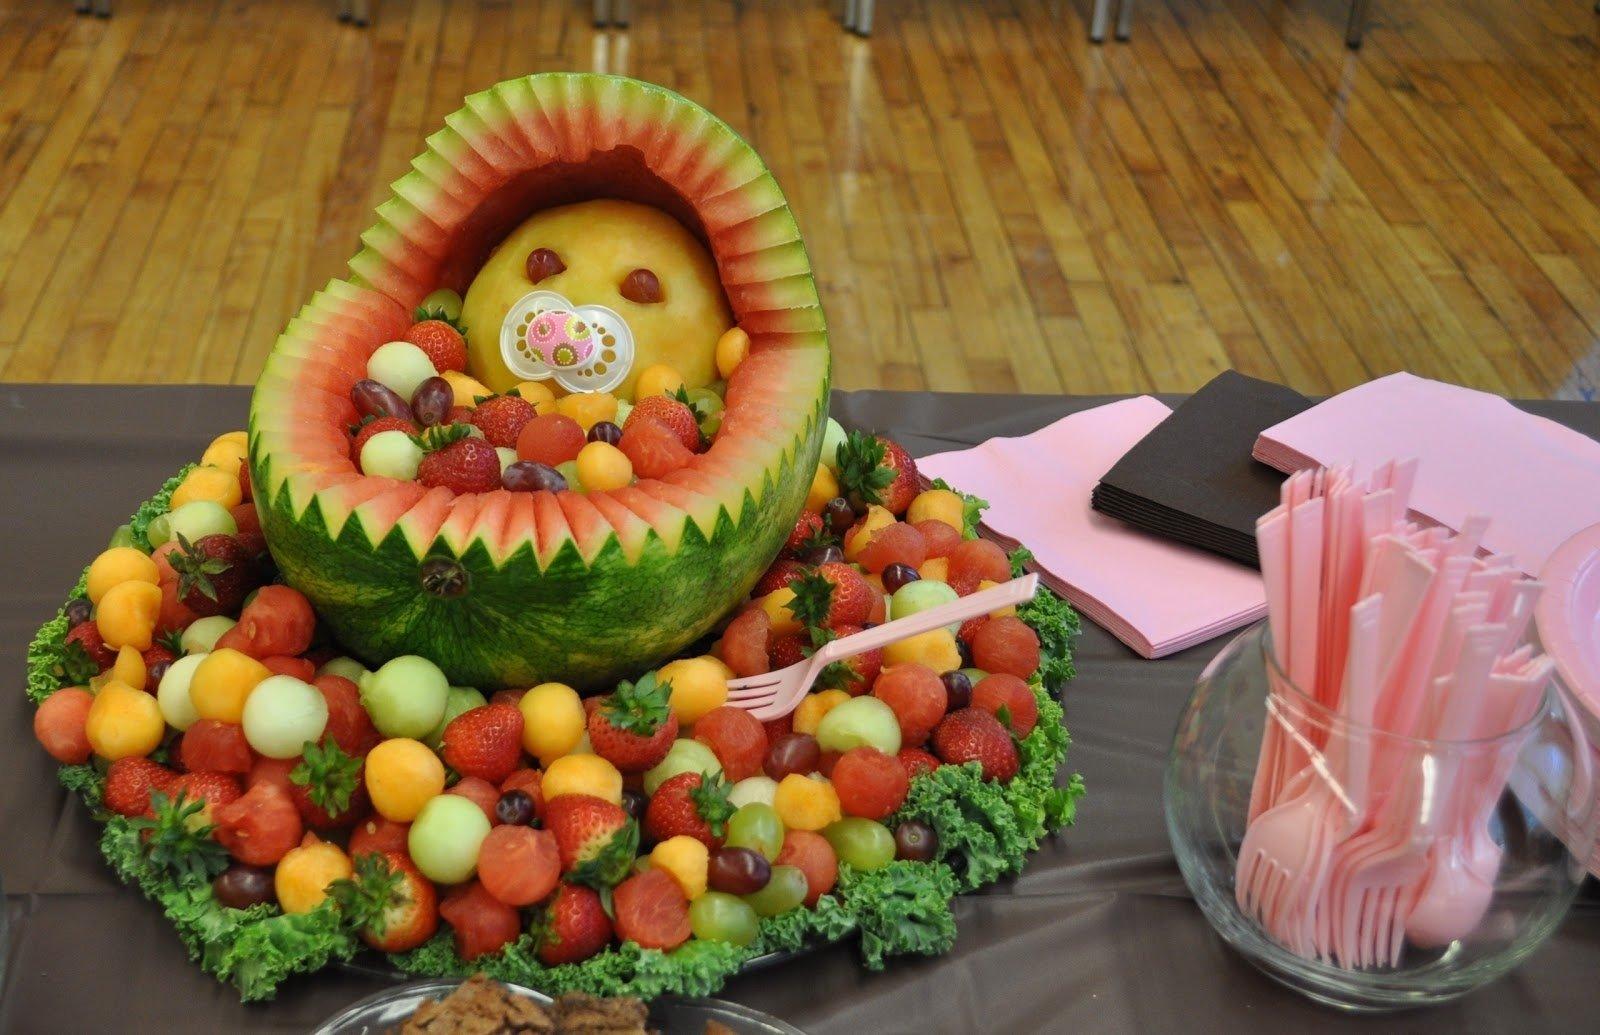 10 Attractive Unique Baby Shower Food Ideas baby shower food ideas baby shower food ideas fruit 2020